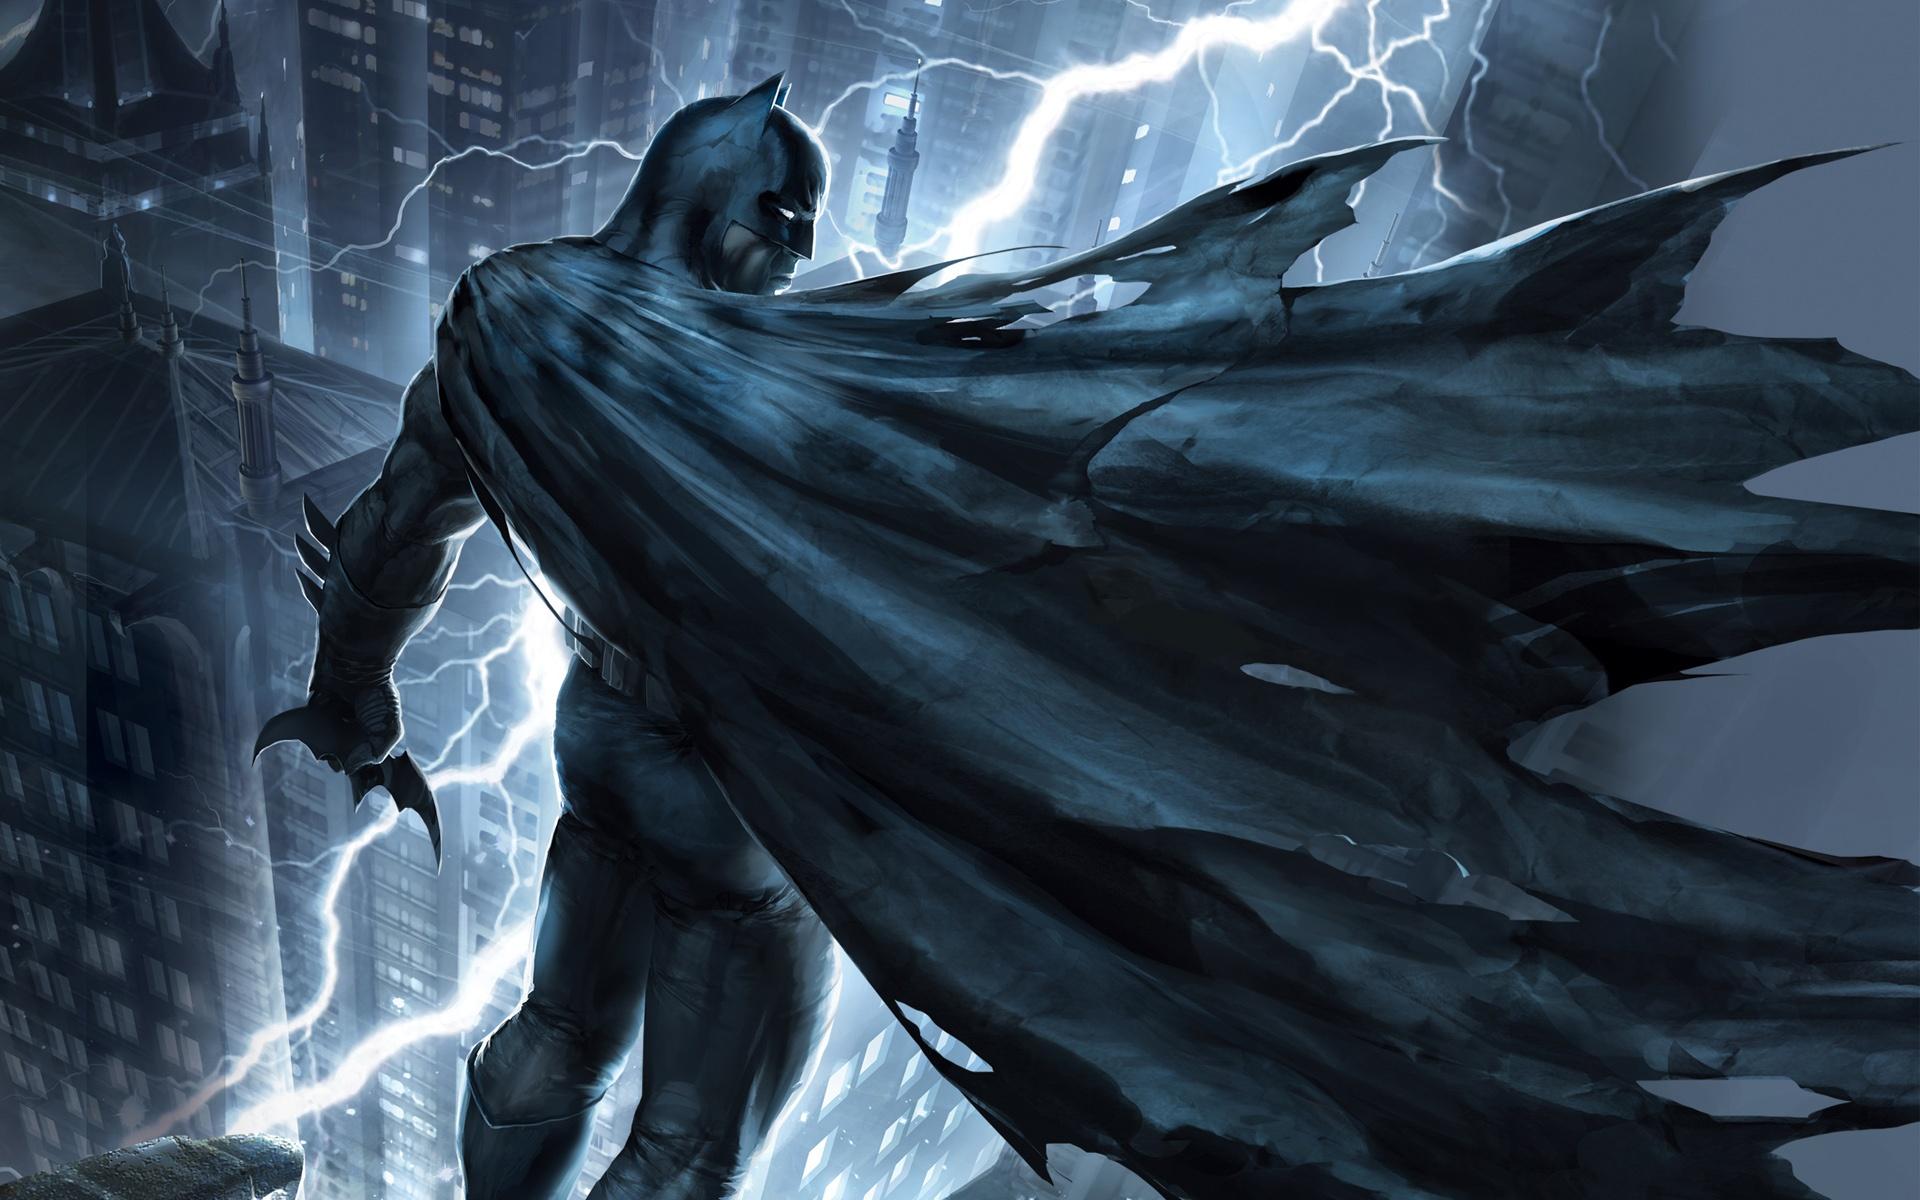 Batman The Dark Knight Returns Wallpaper 1920x1200